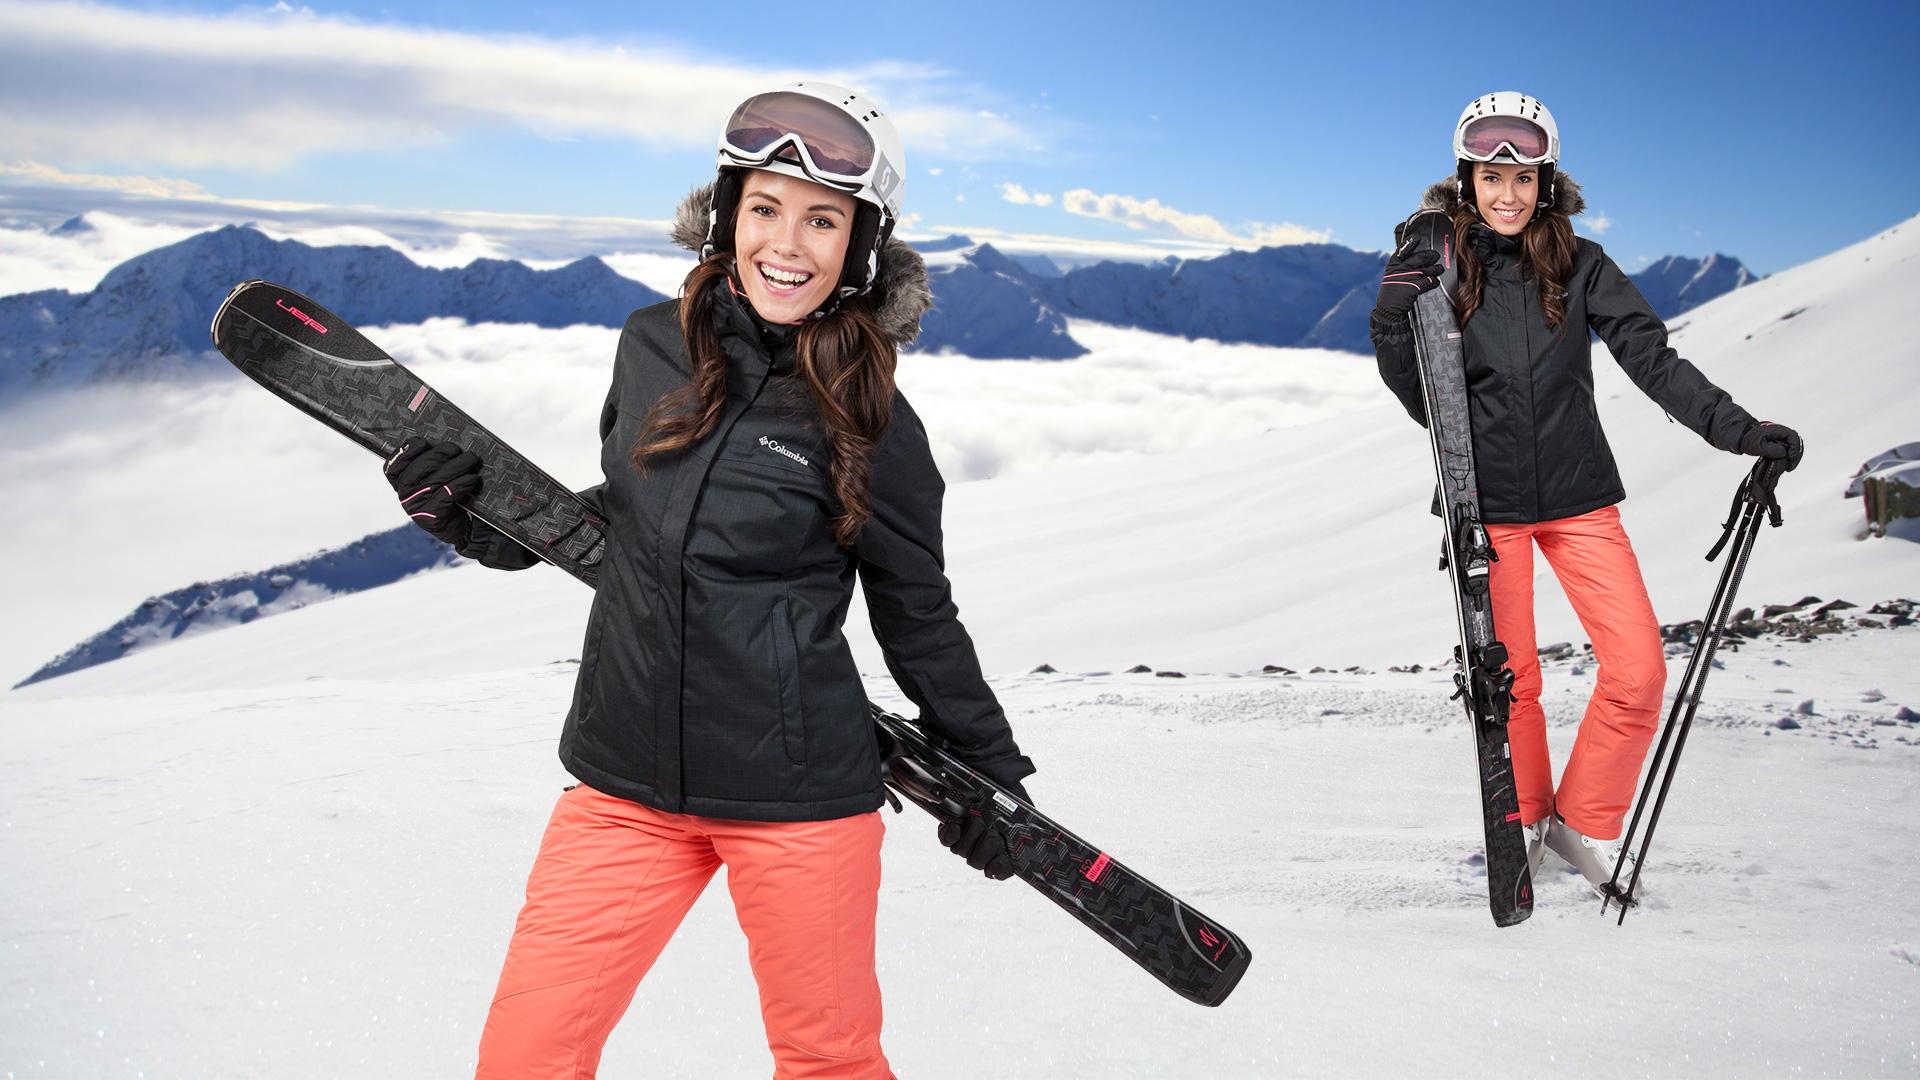 Dámsky lyžiarsky set Columbia